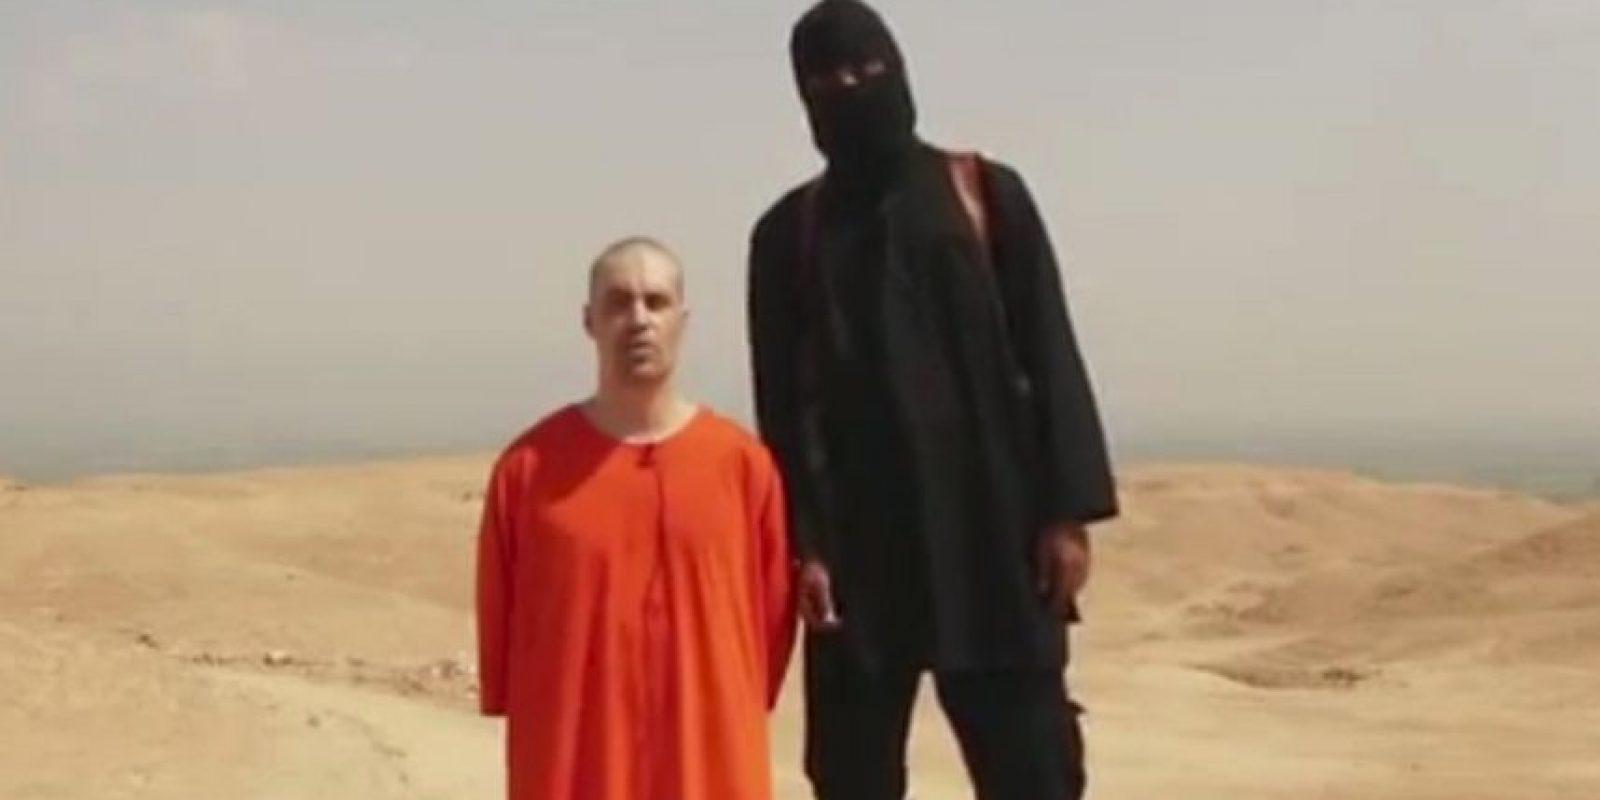 Su ejecución fue el primer video difundido por Estado Islámico en agosto de 2014 Foto:AP